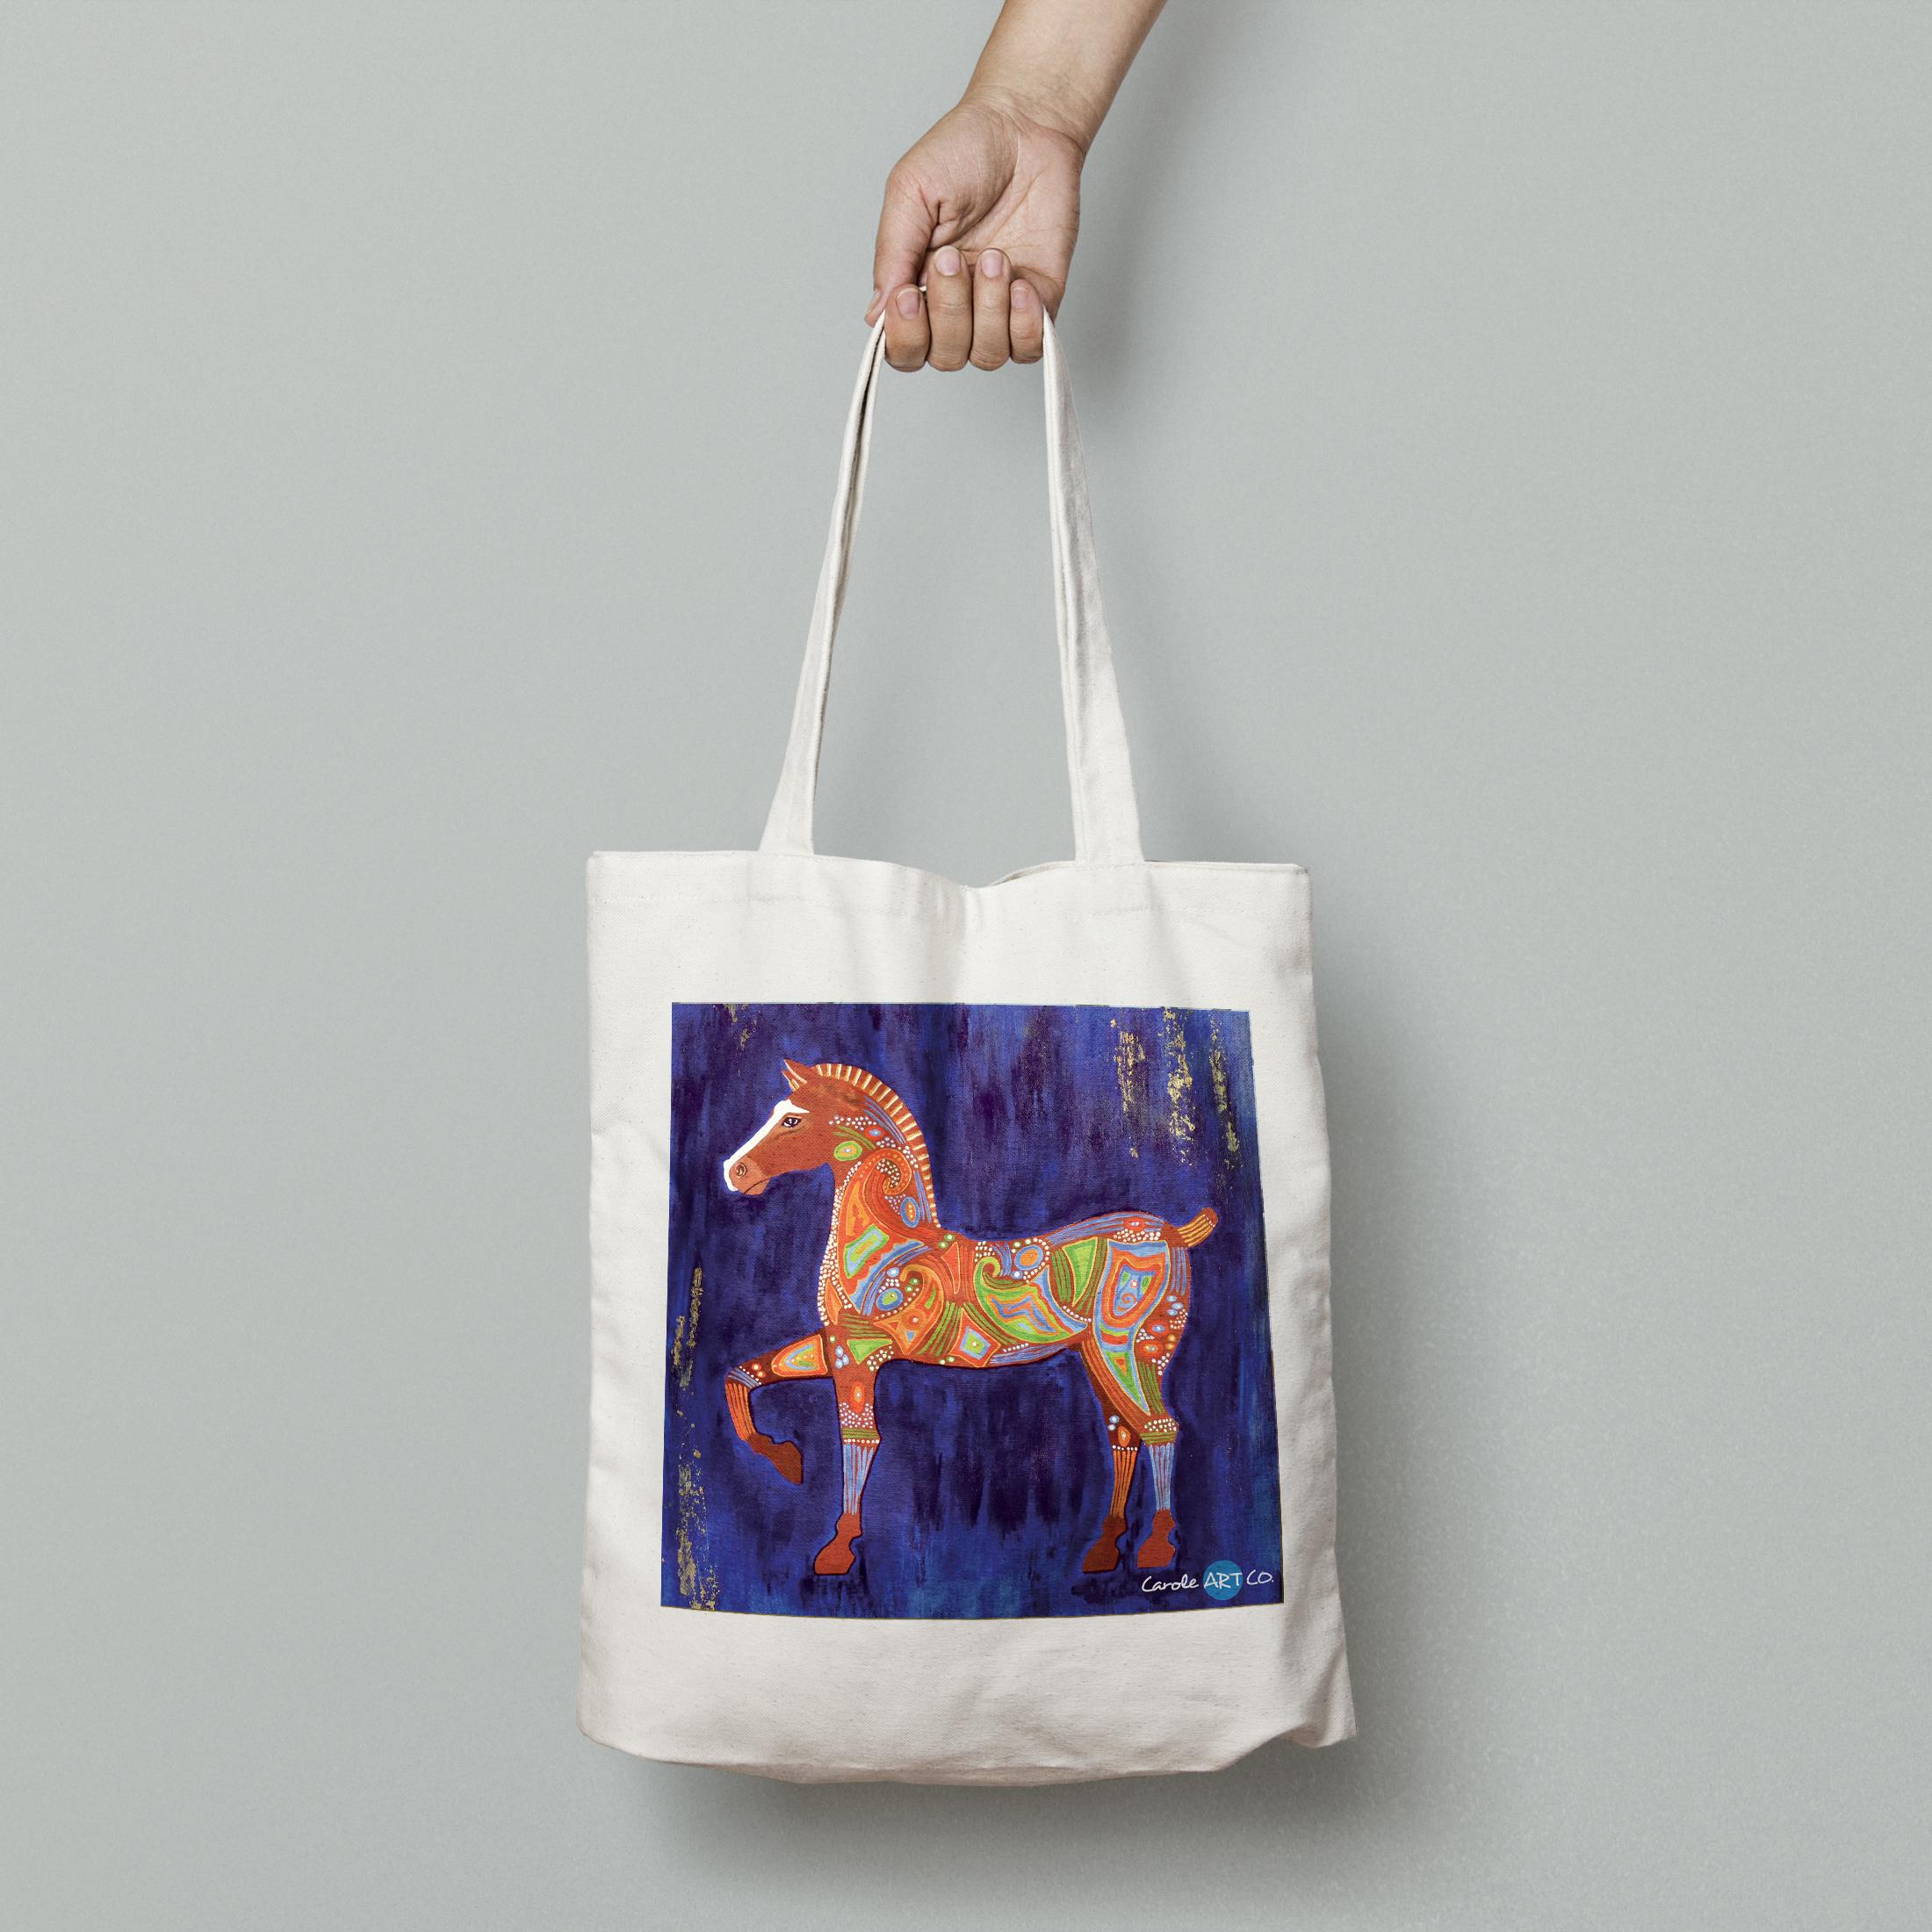 TOTE BAG personnalisé blanc peinture cheval de Troie by carole courtoux